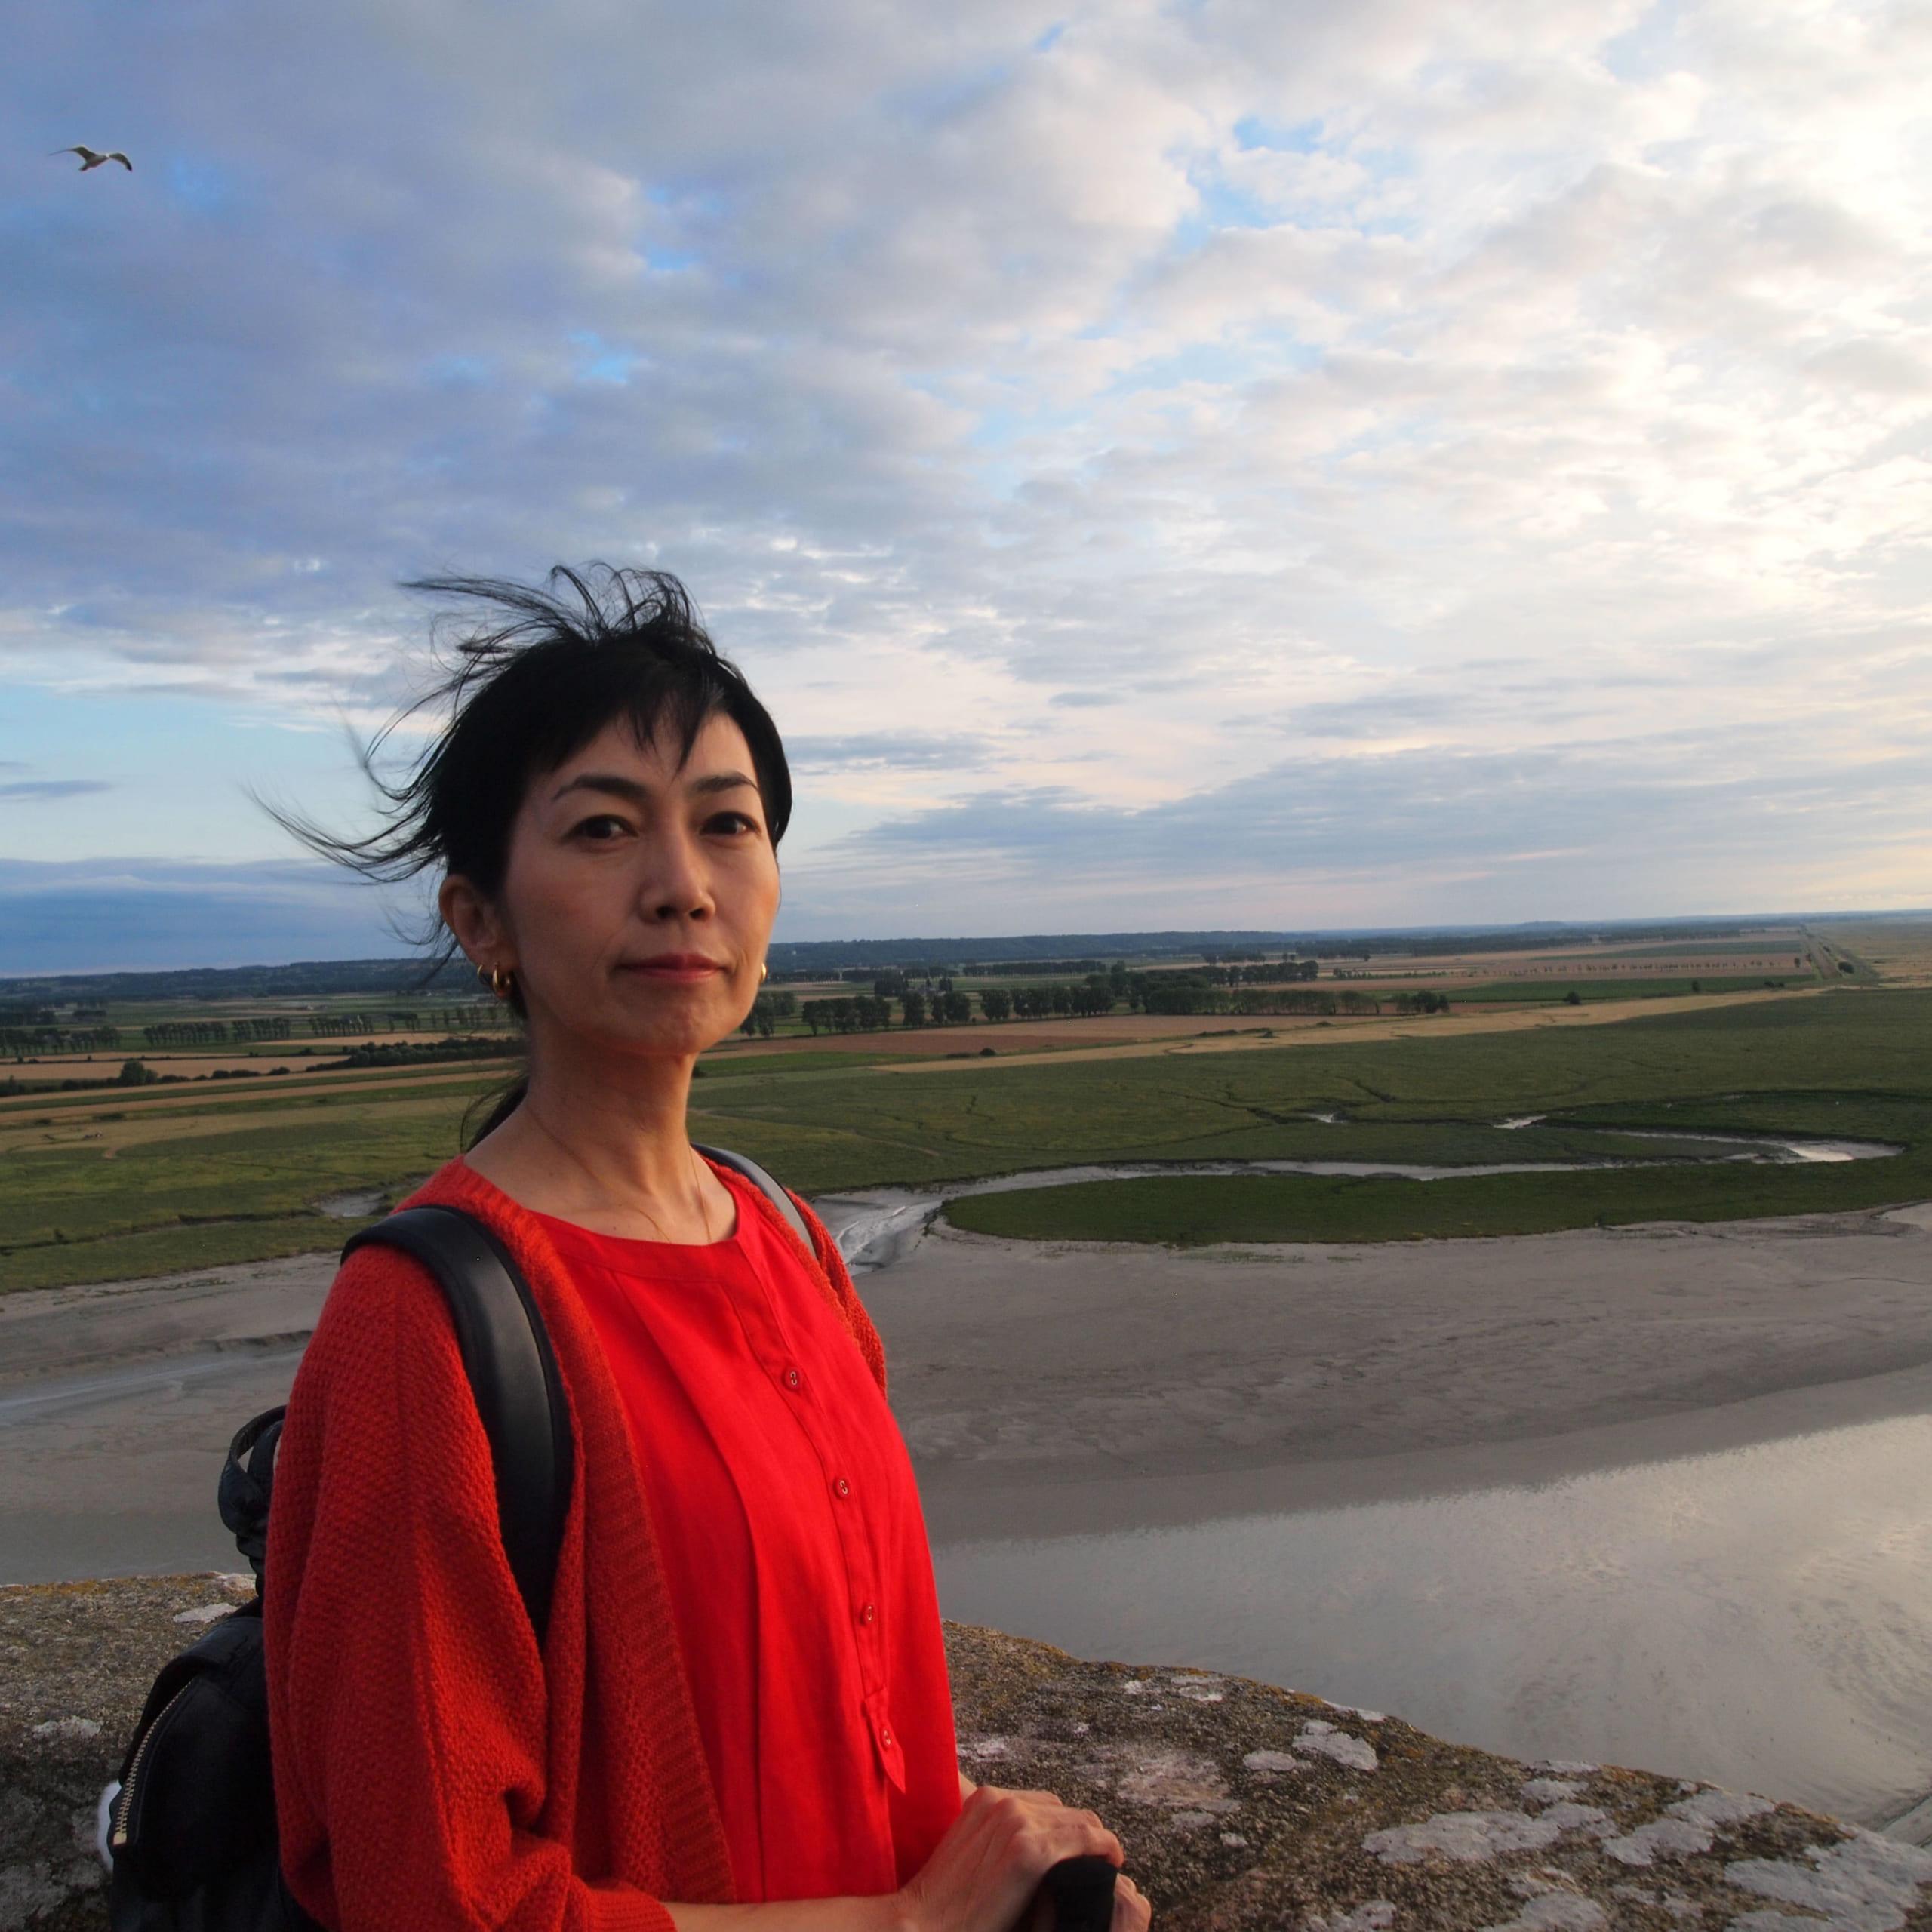 ミステリーハンター竹内海南江が、コミュニケーションの基本と考える思考法<br />